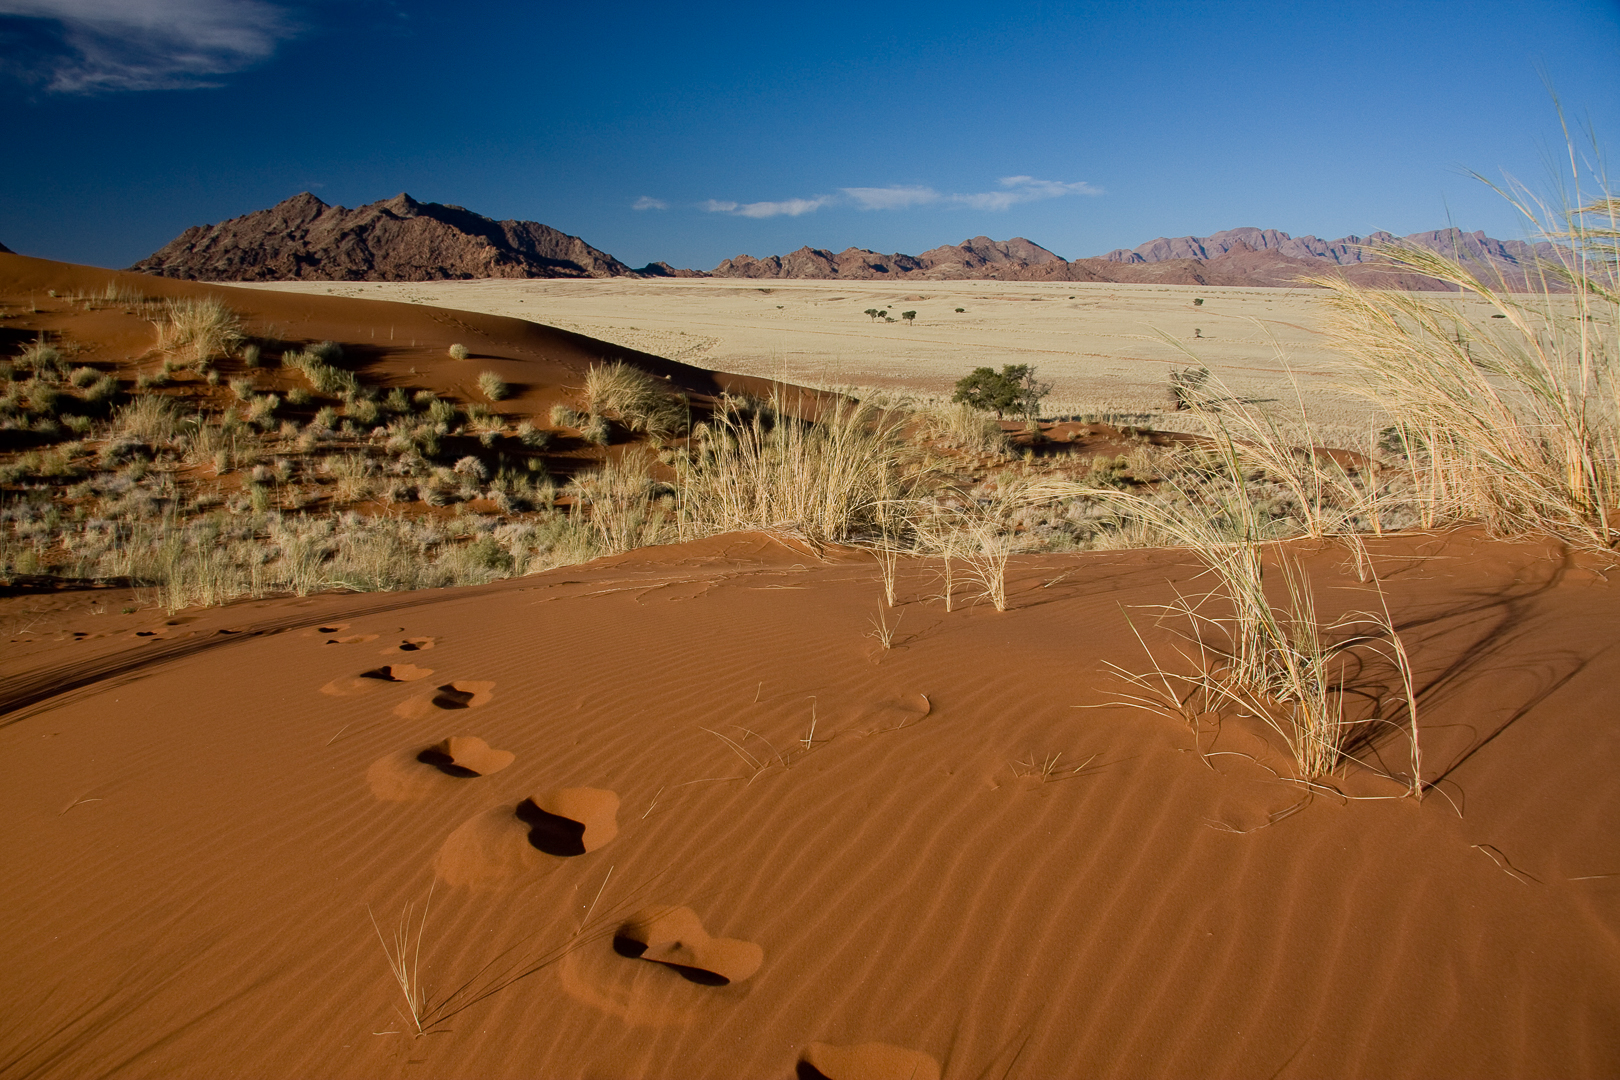 Dune Namib sossusvlei